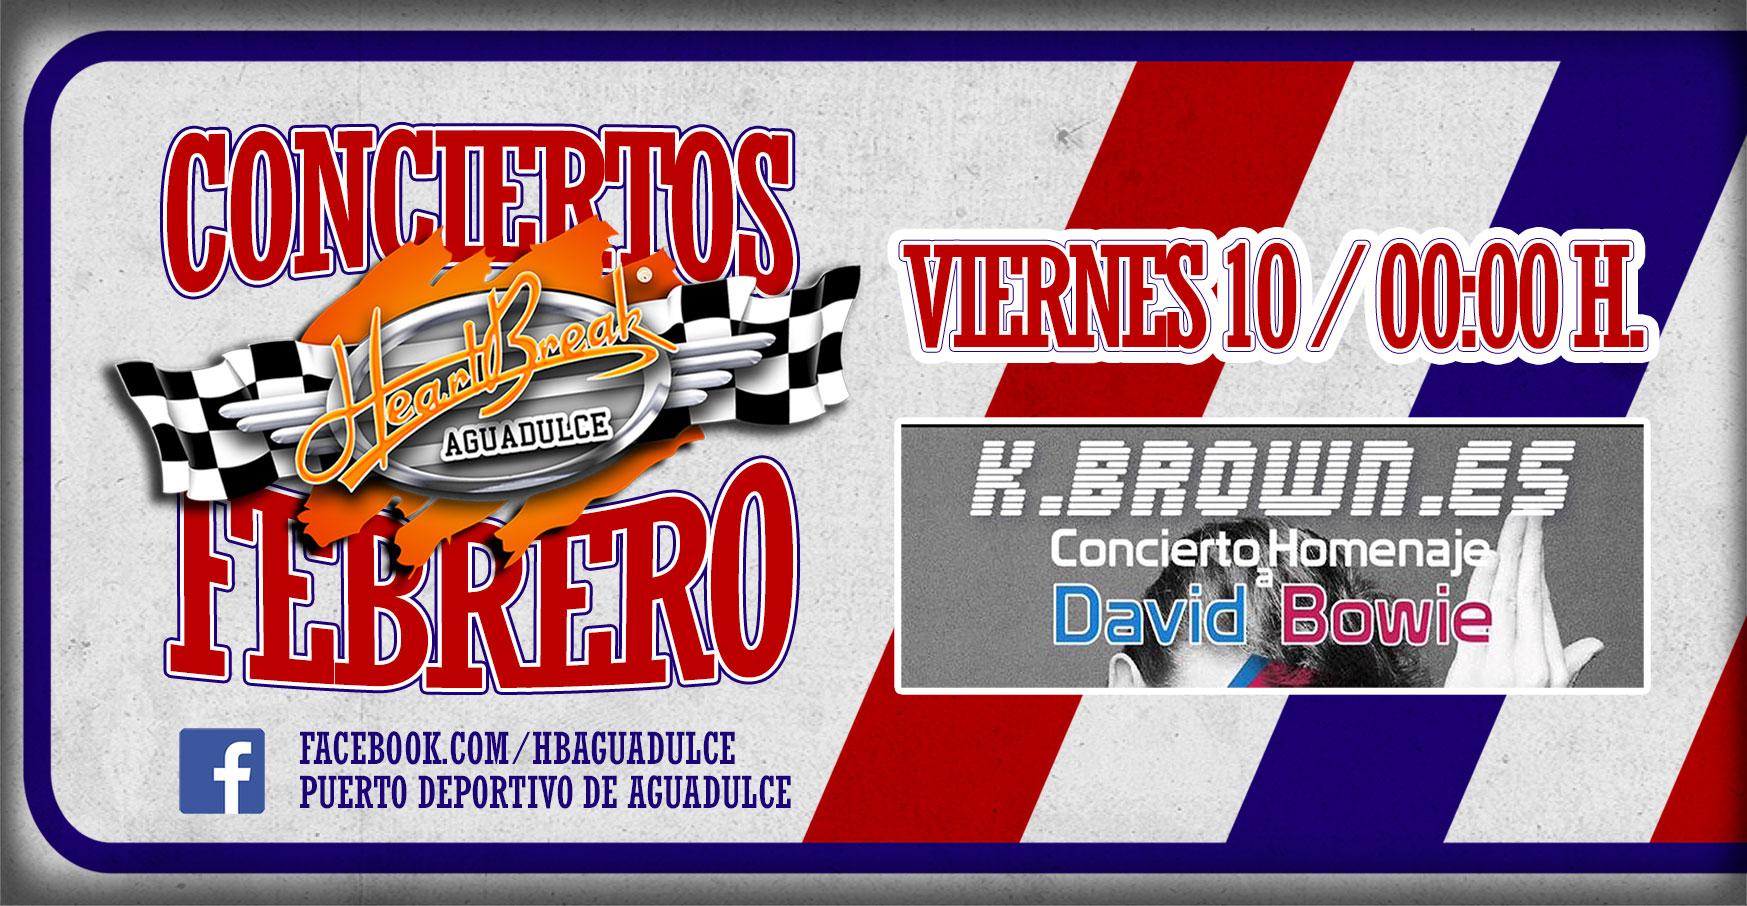 Concierto de k.brown.es